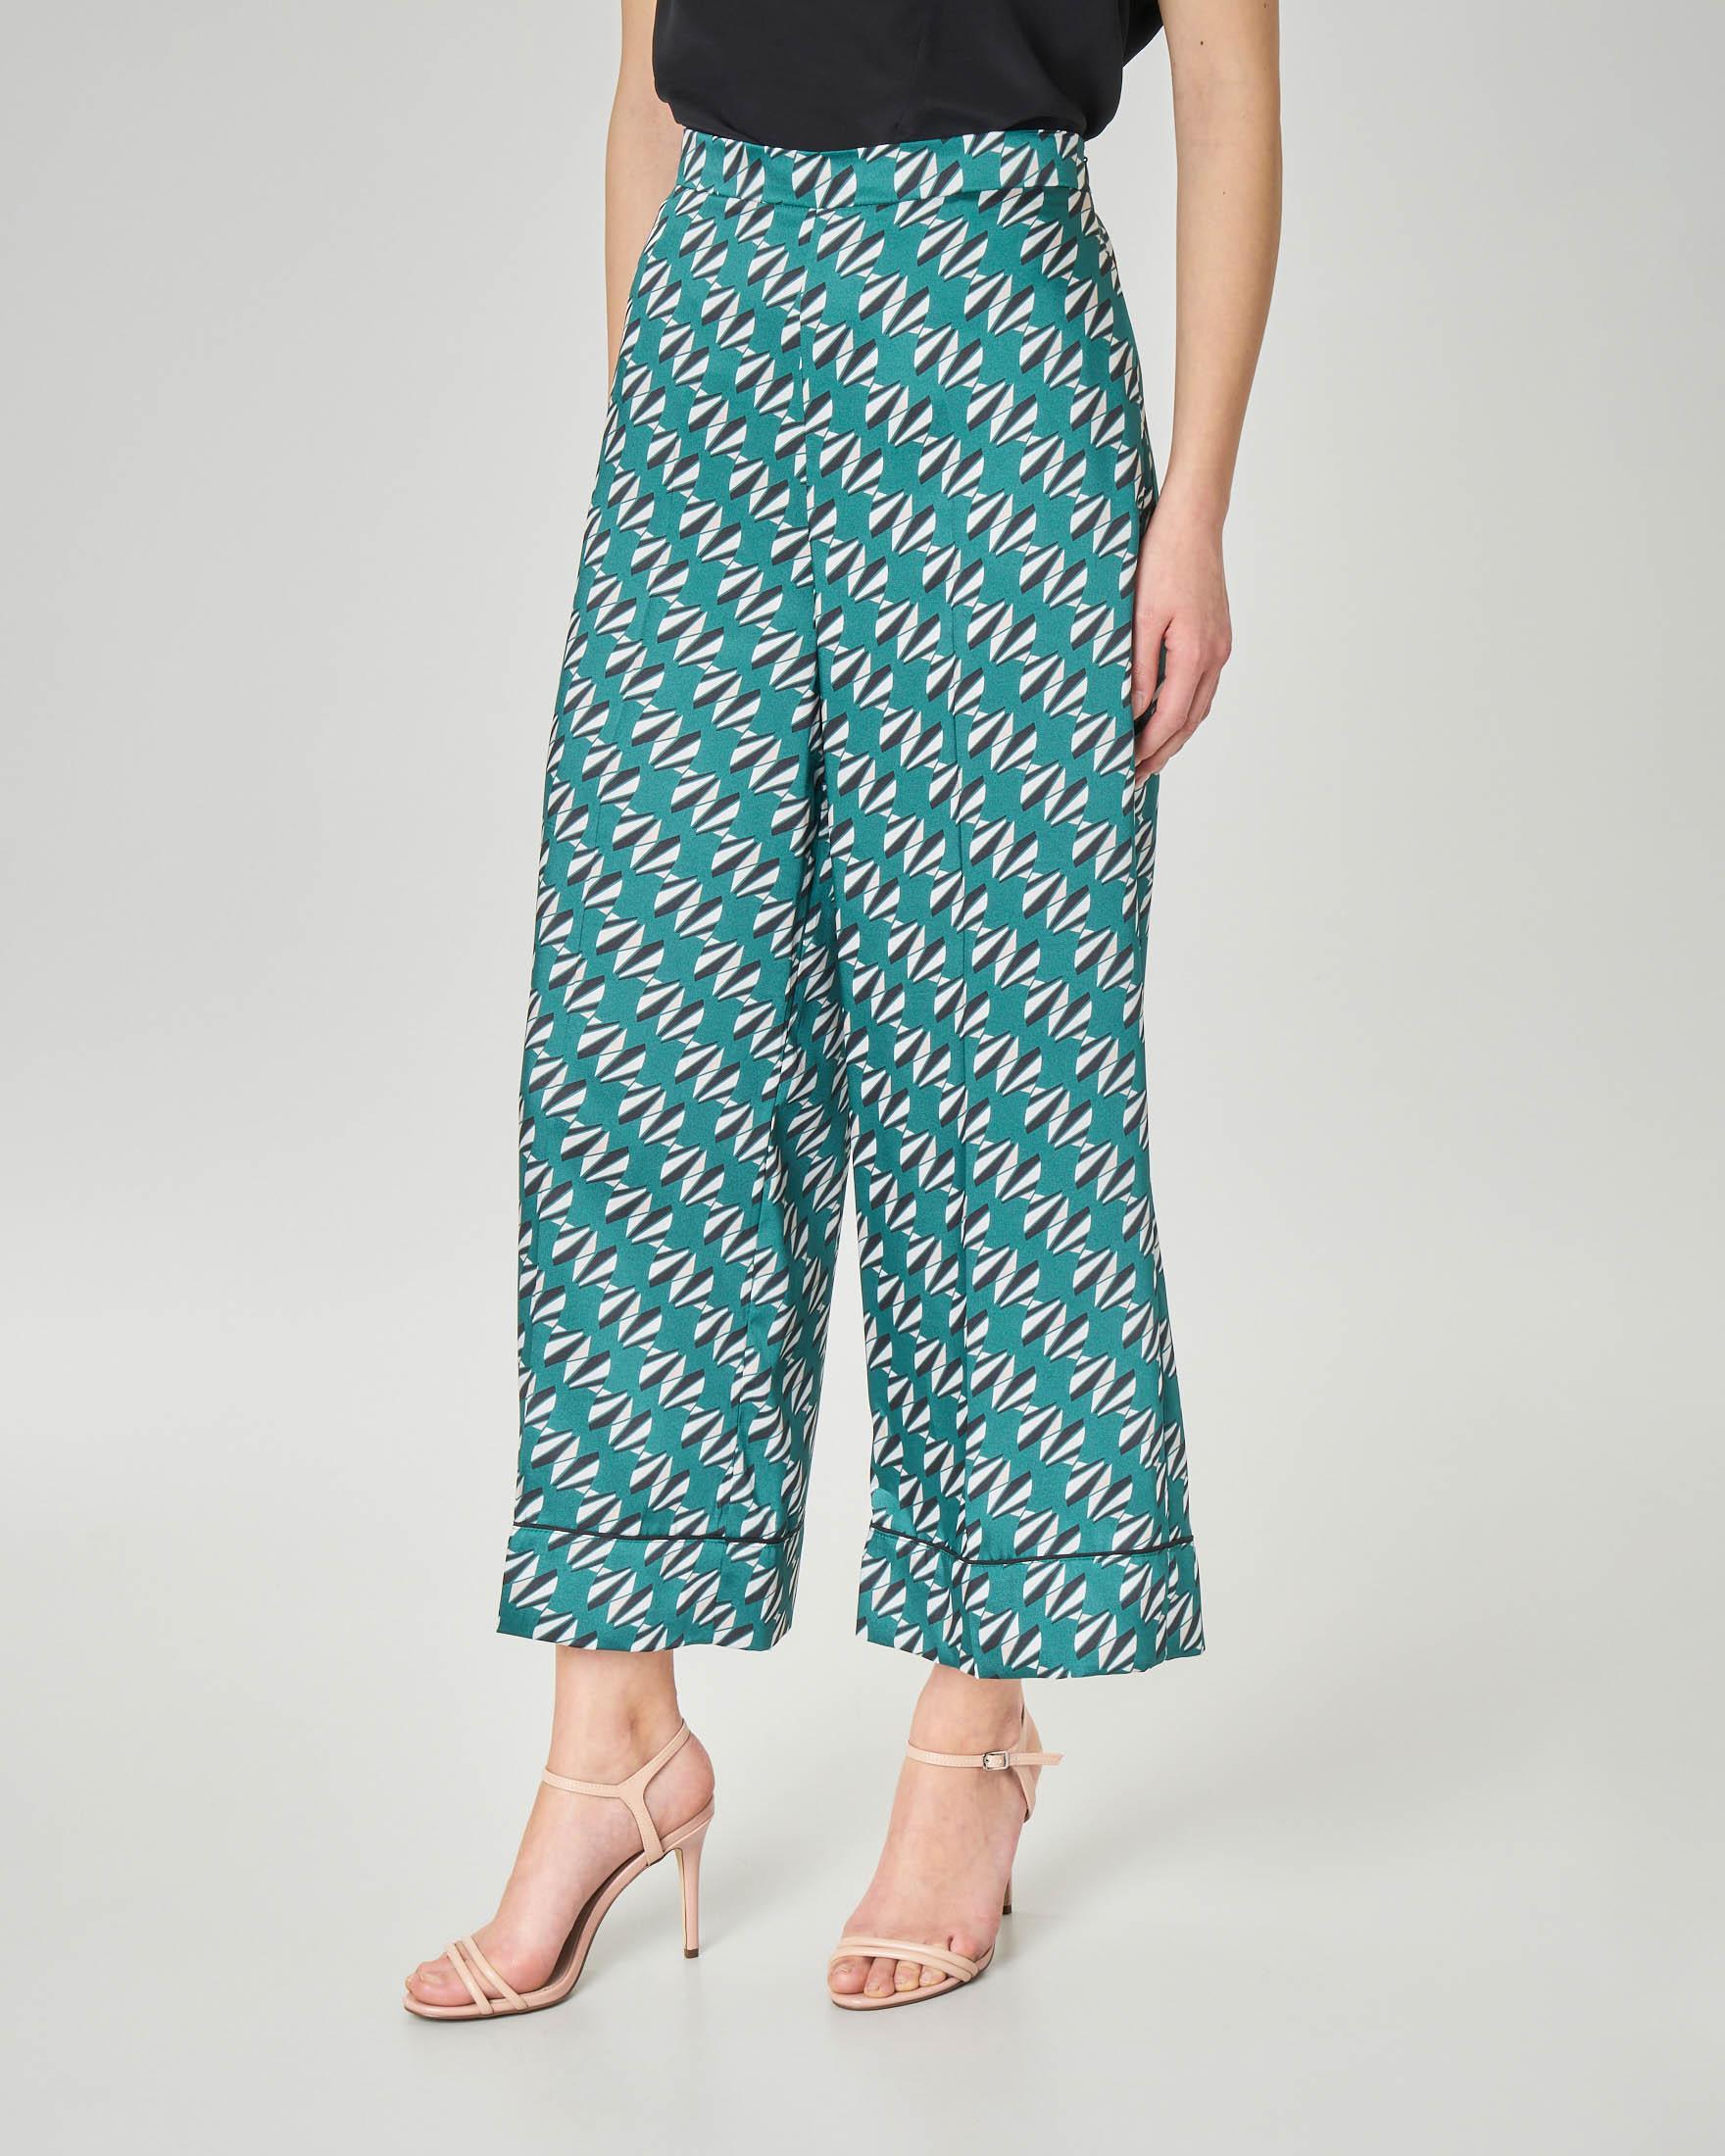 Pantaloni culotte verdi a stampa geometrica in tessuto effetto raso